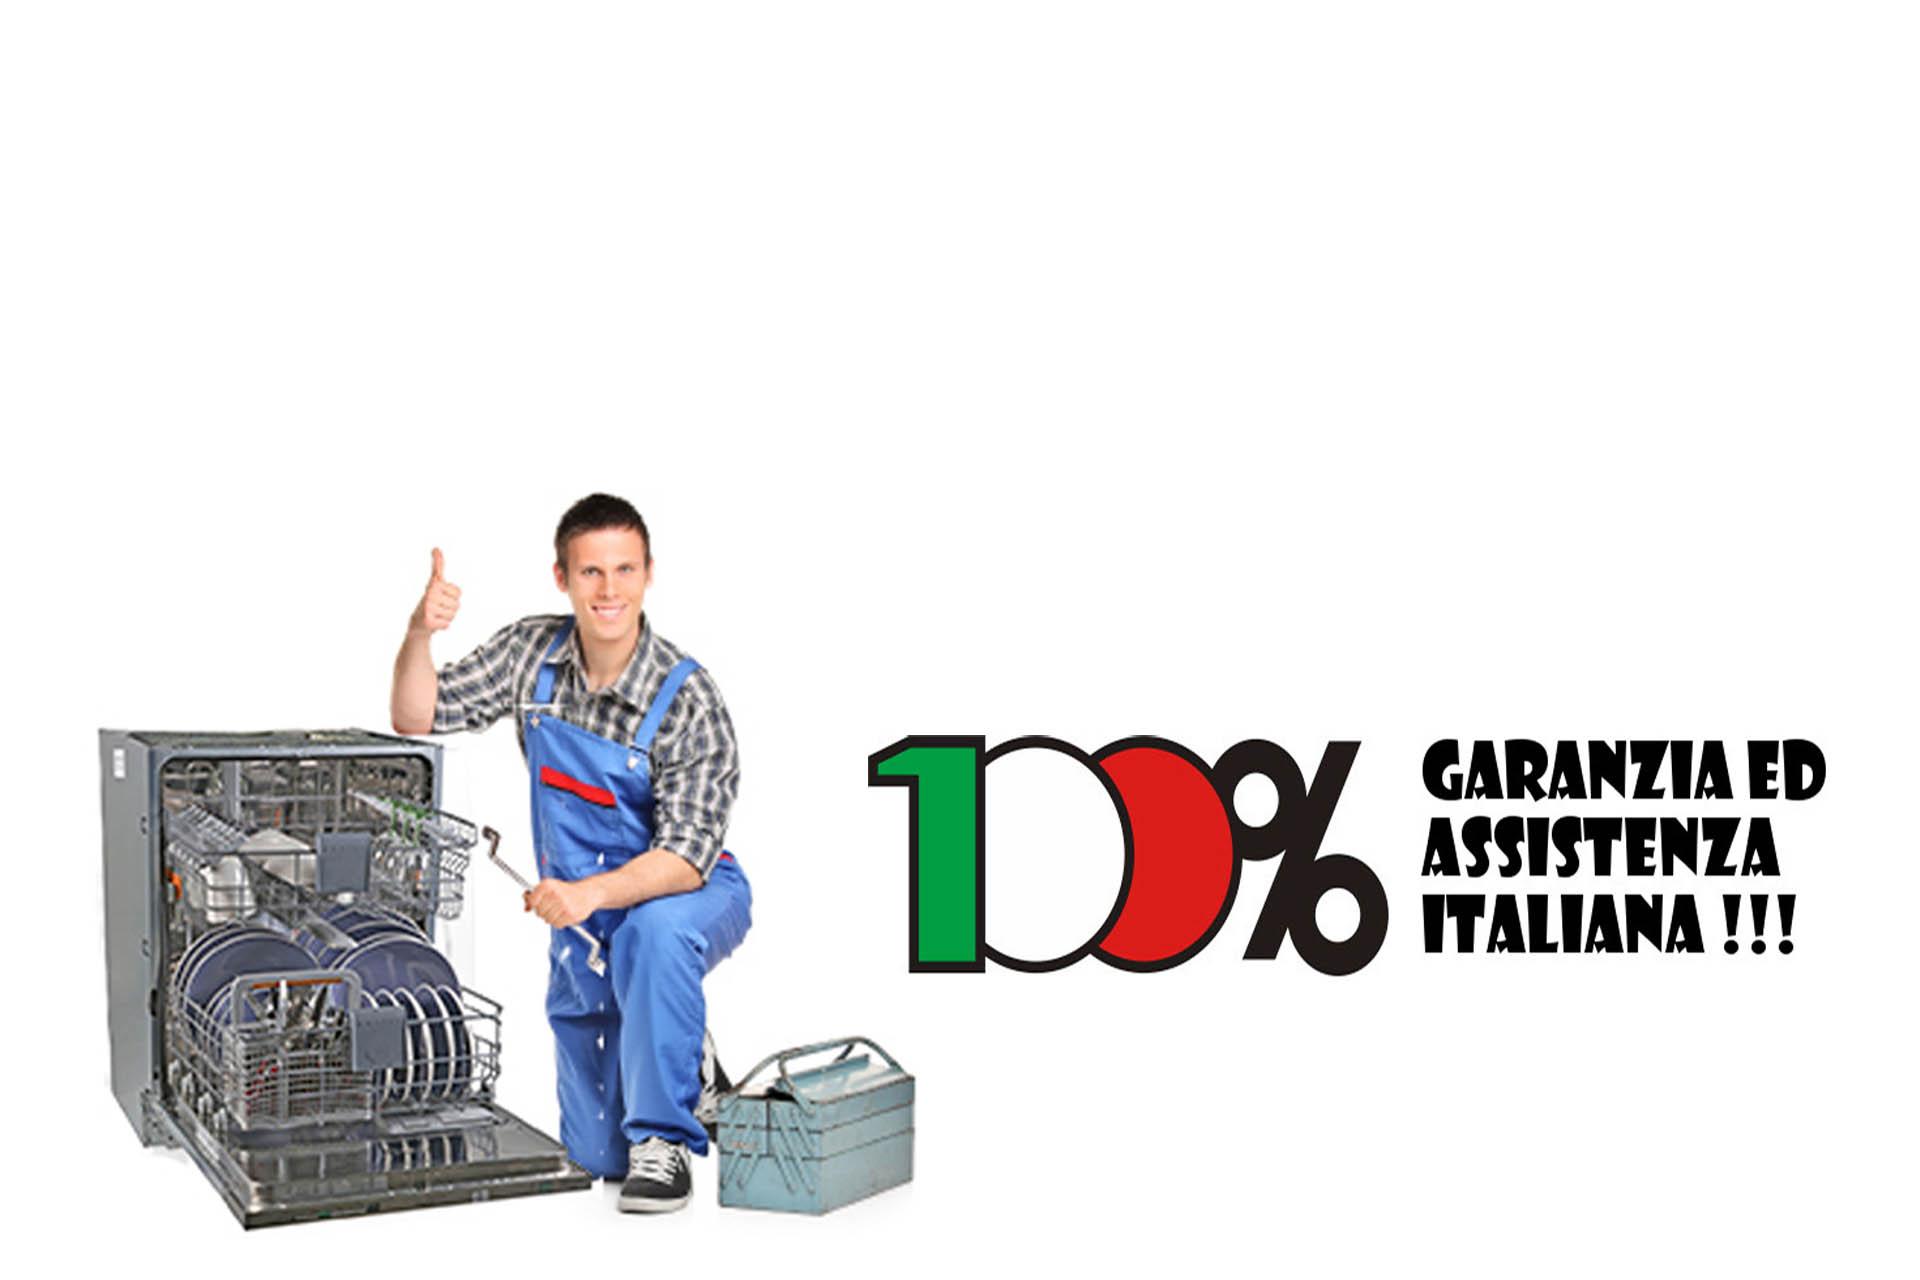 RIPARAZIONI LAVATRICI ROMA riparazioni elettrodomestici lavastoviglie Ostiense San Paolo Garbatella Marconi Eur Torrino Magliana Tor Marancia 10 SLIDE